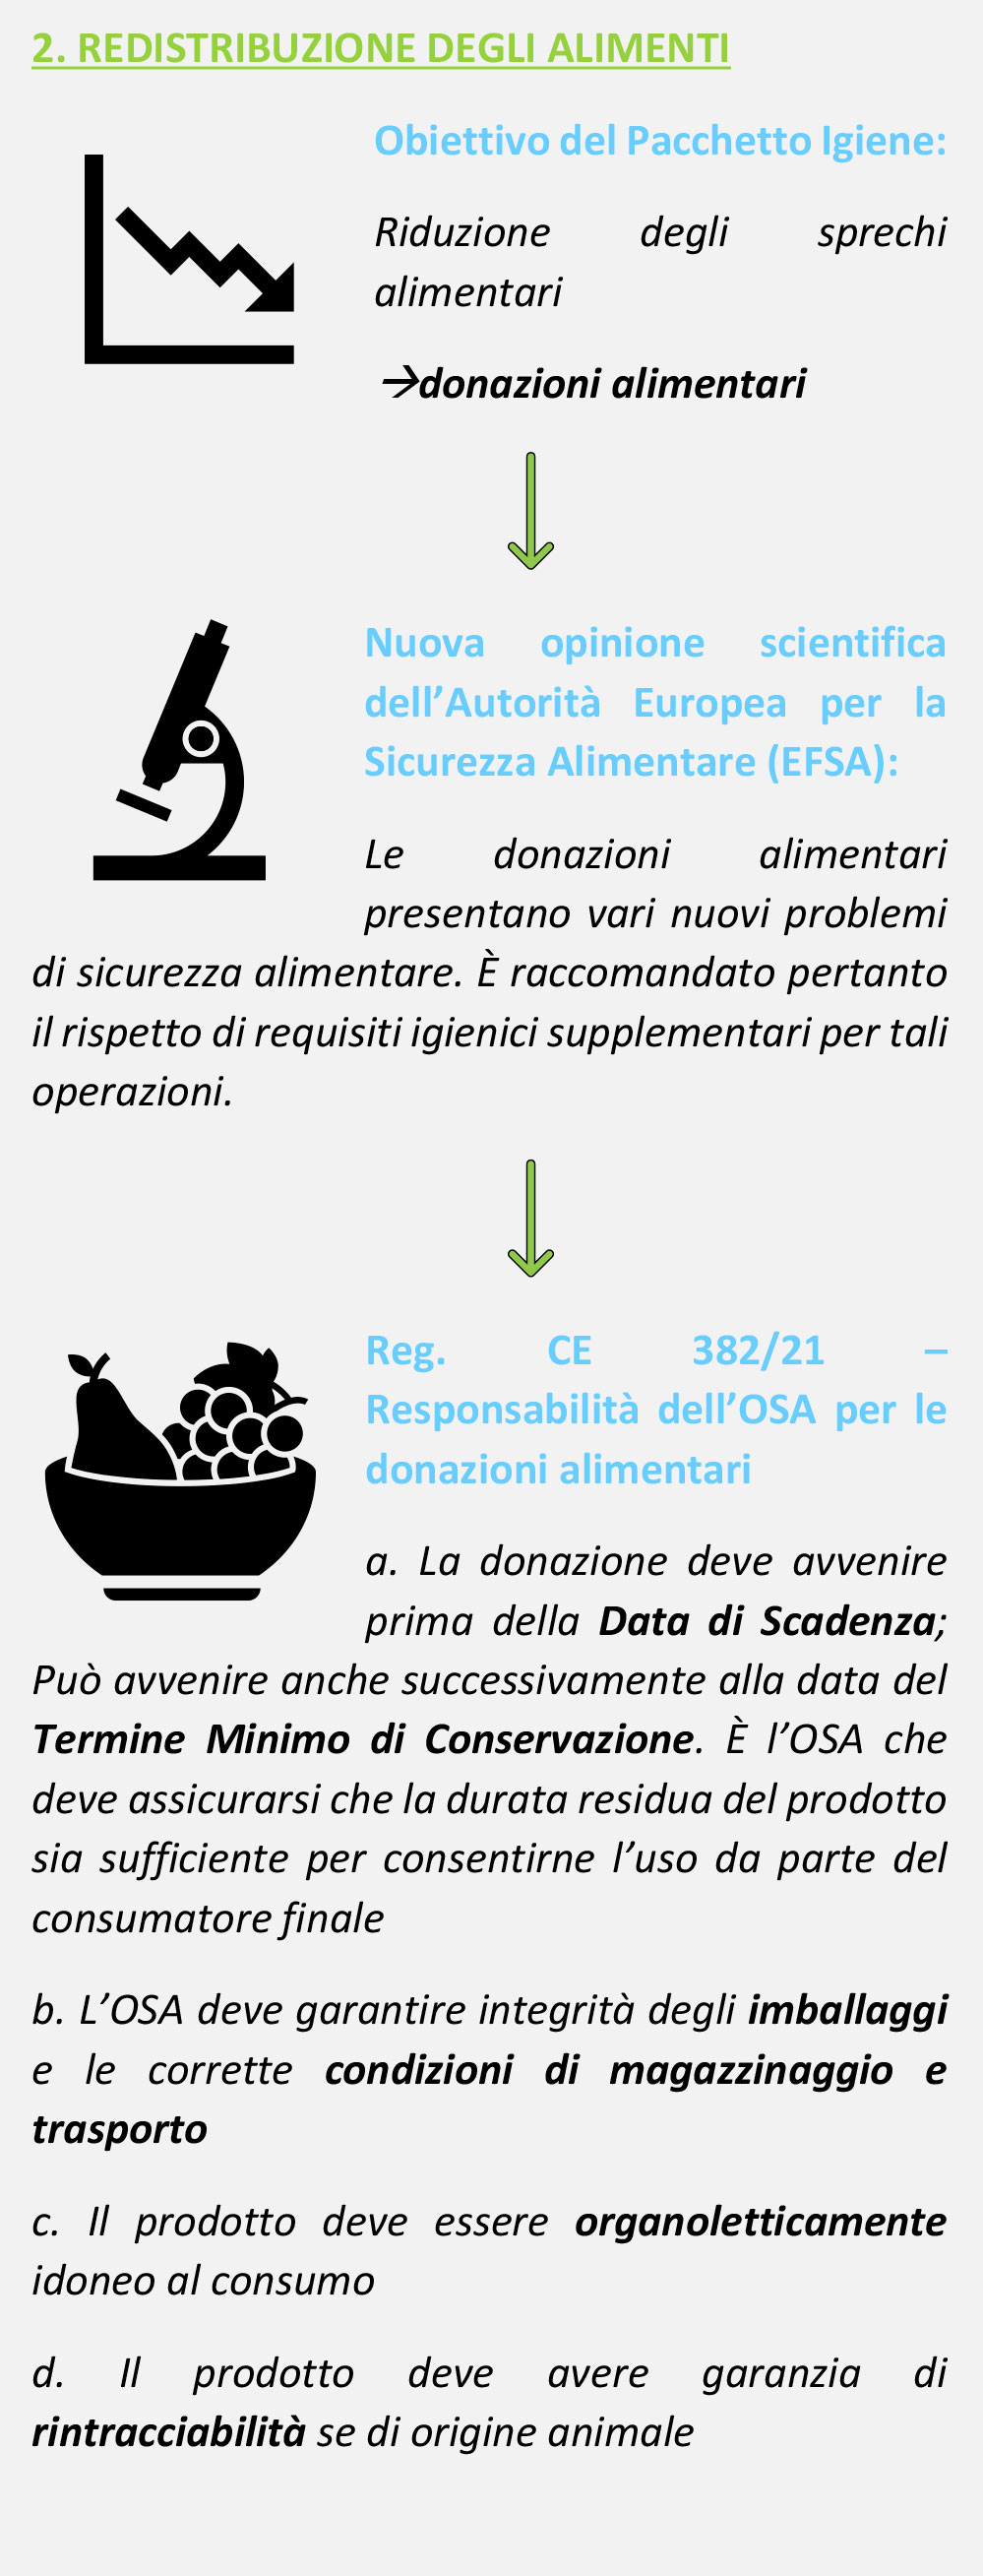 Implementazioni e disposizioni del regolamento (CE) 852/2004   Infografica 3 | Bologna Haccp | Consulenza e certificazioni alimentari | Bologna